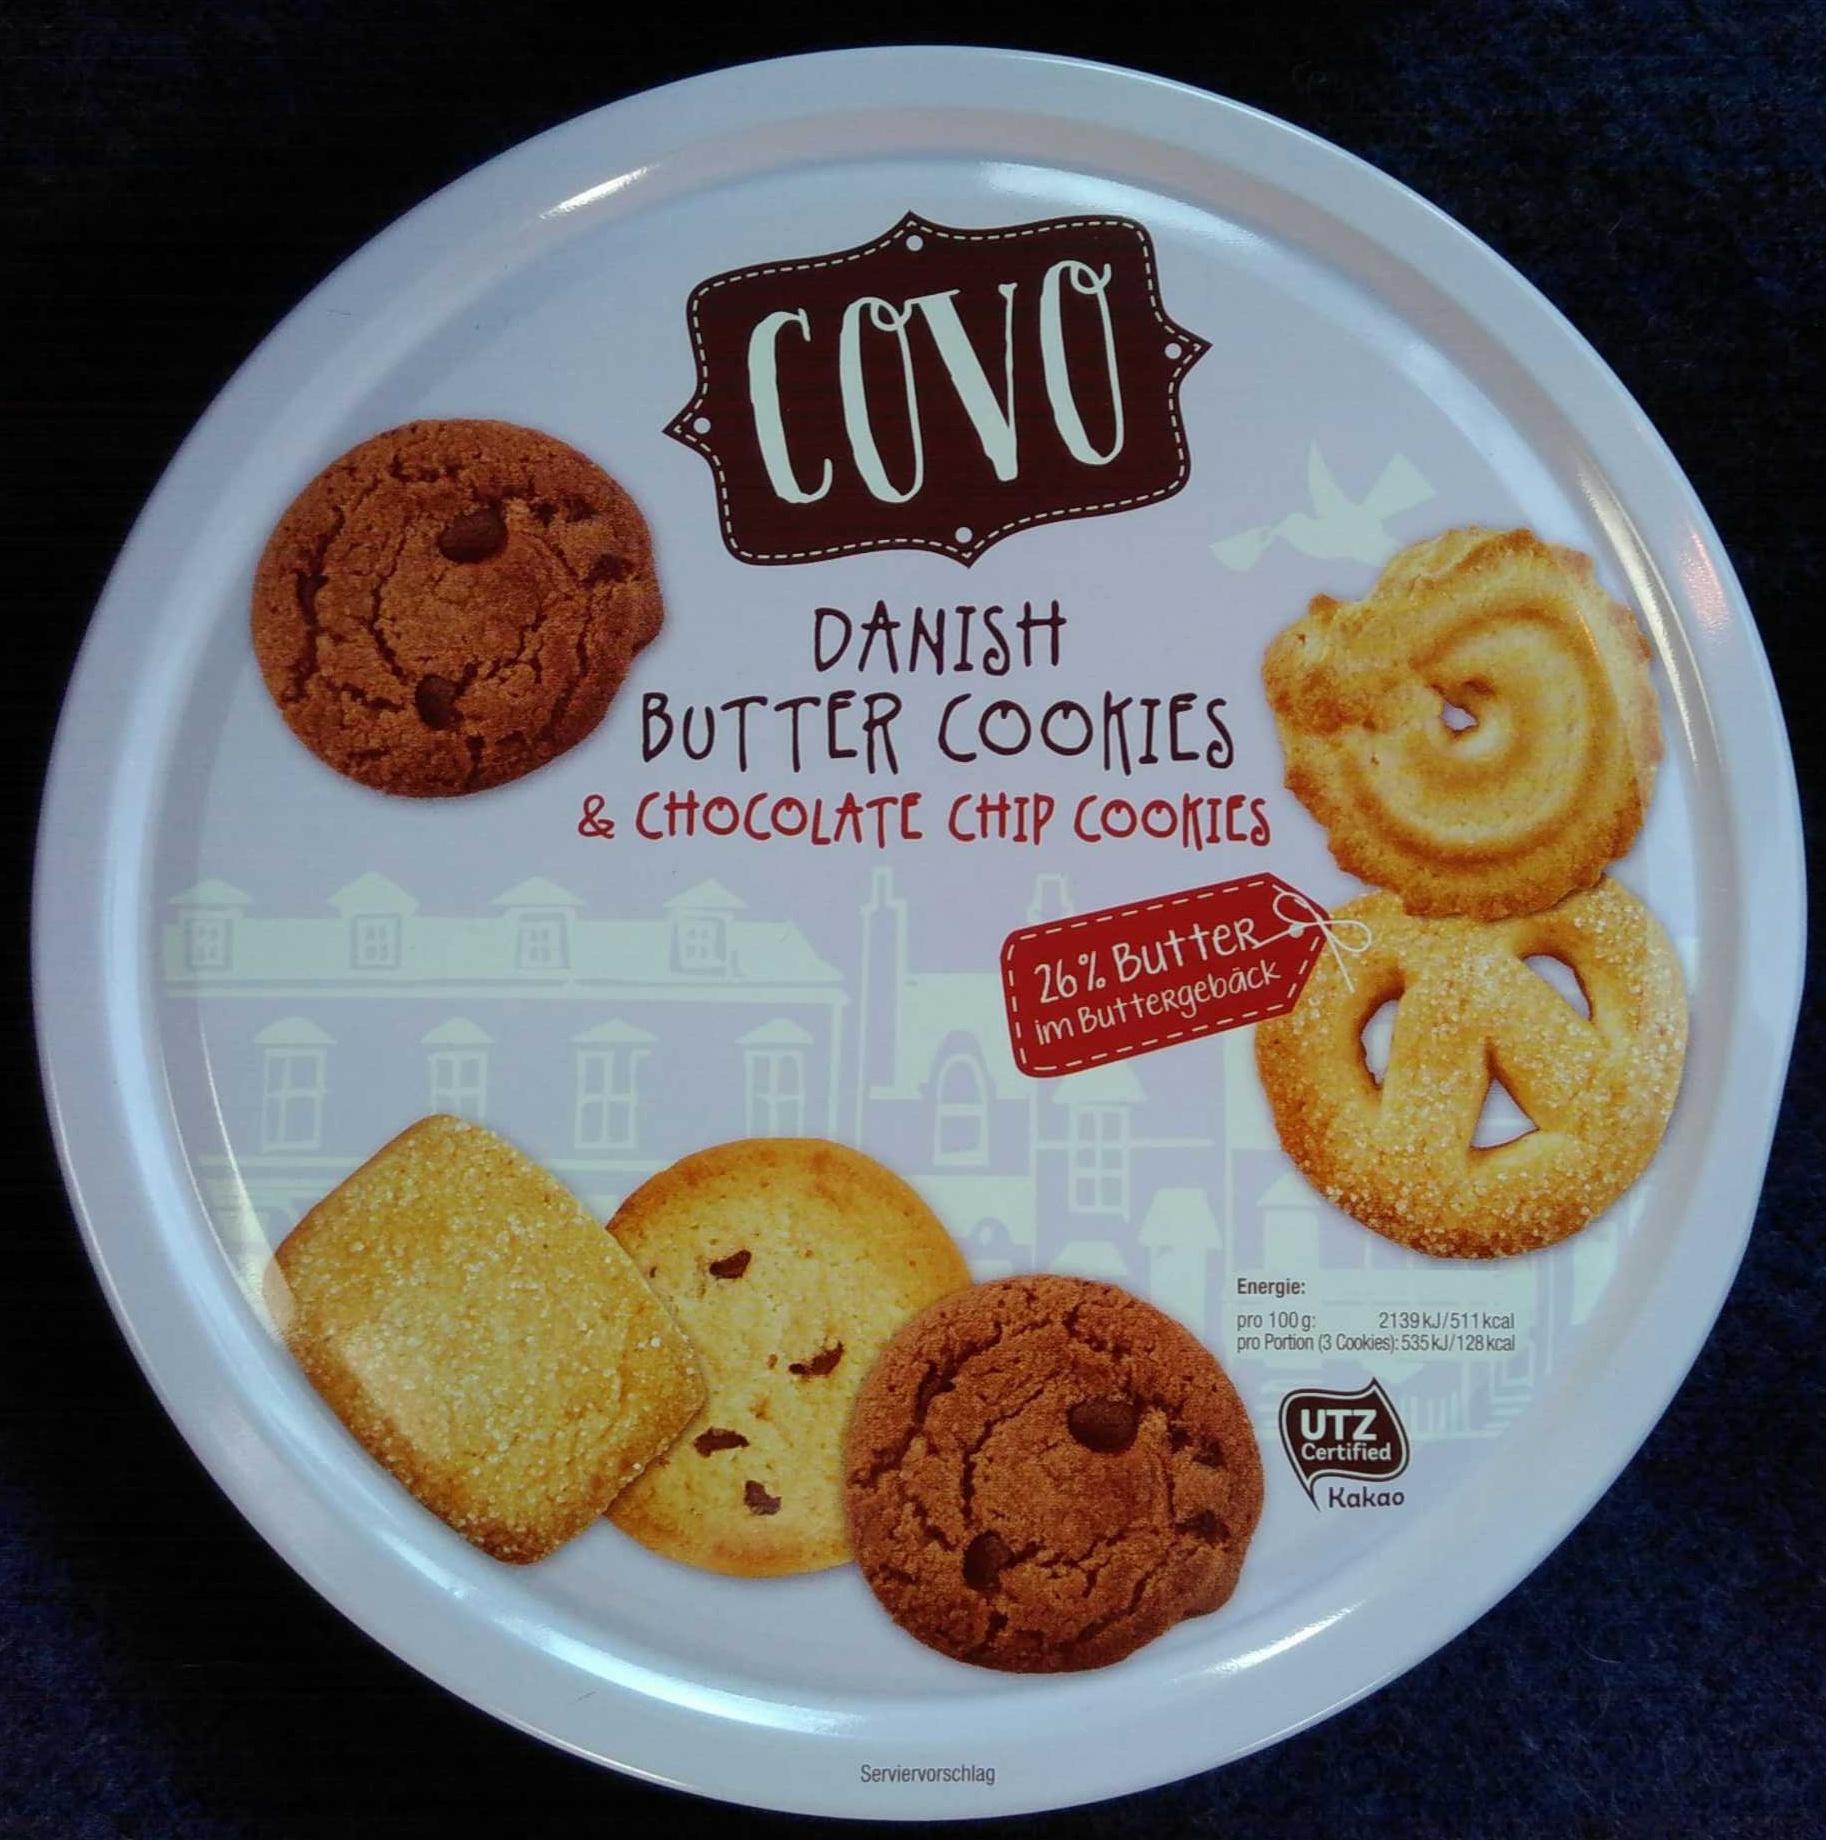 Danish Butter Cookies & Chocolate Chip Cookies - Produkt - de